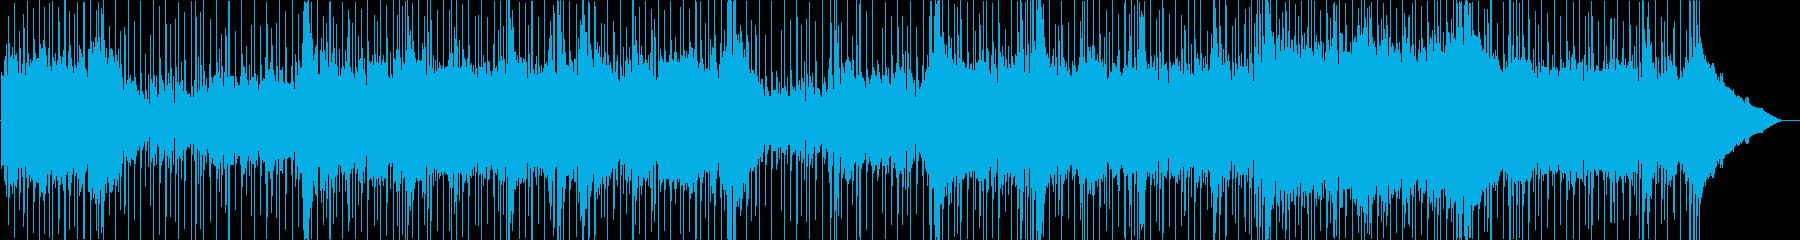 繰り返します。レッドホットチリペッパー。の再生済みの波形